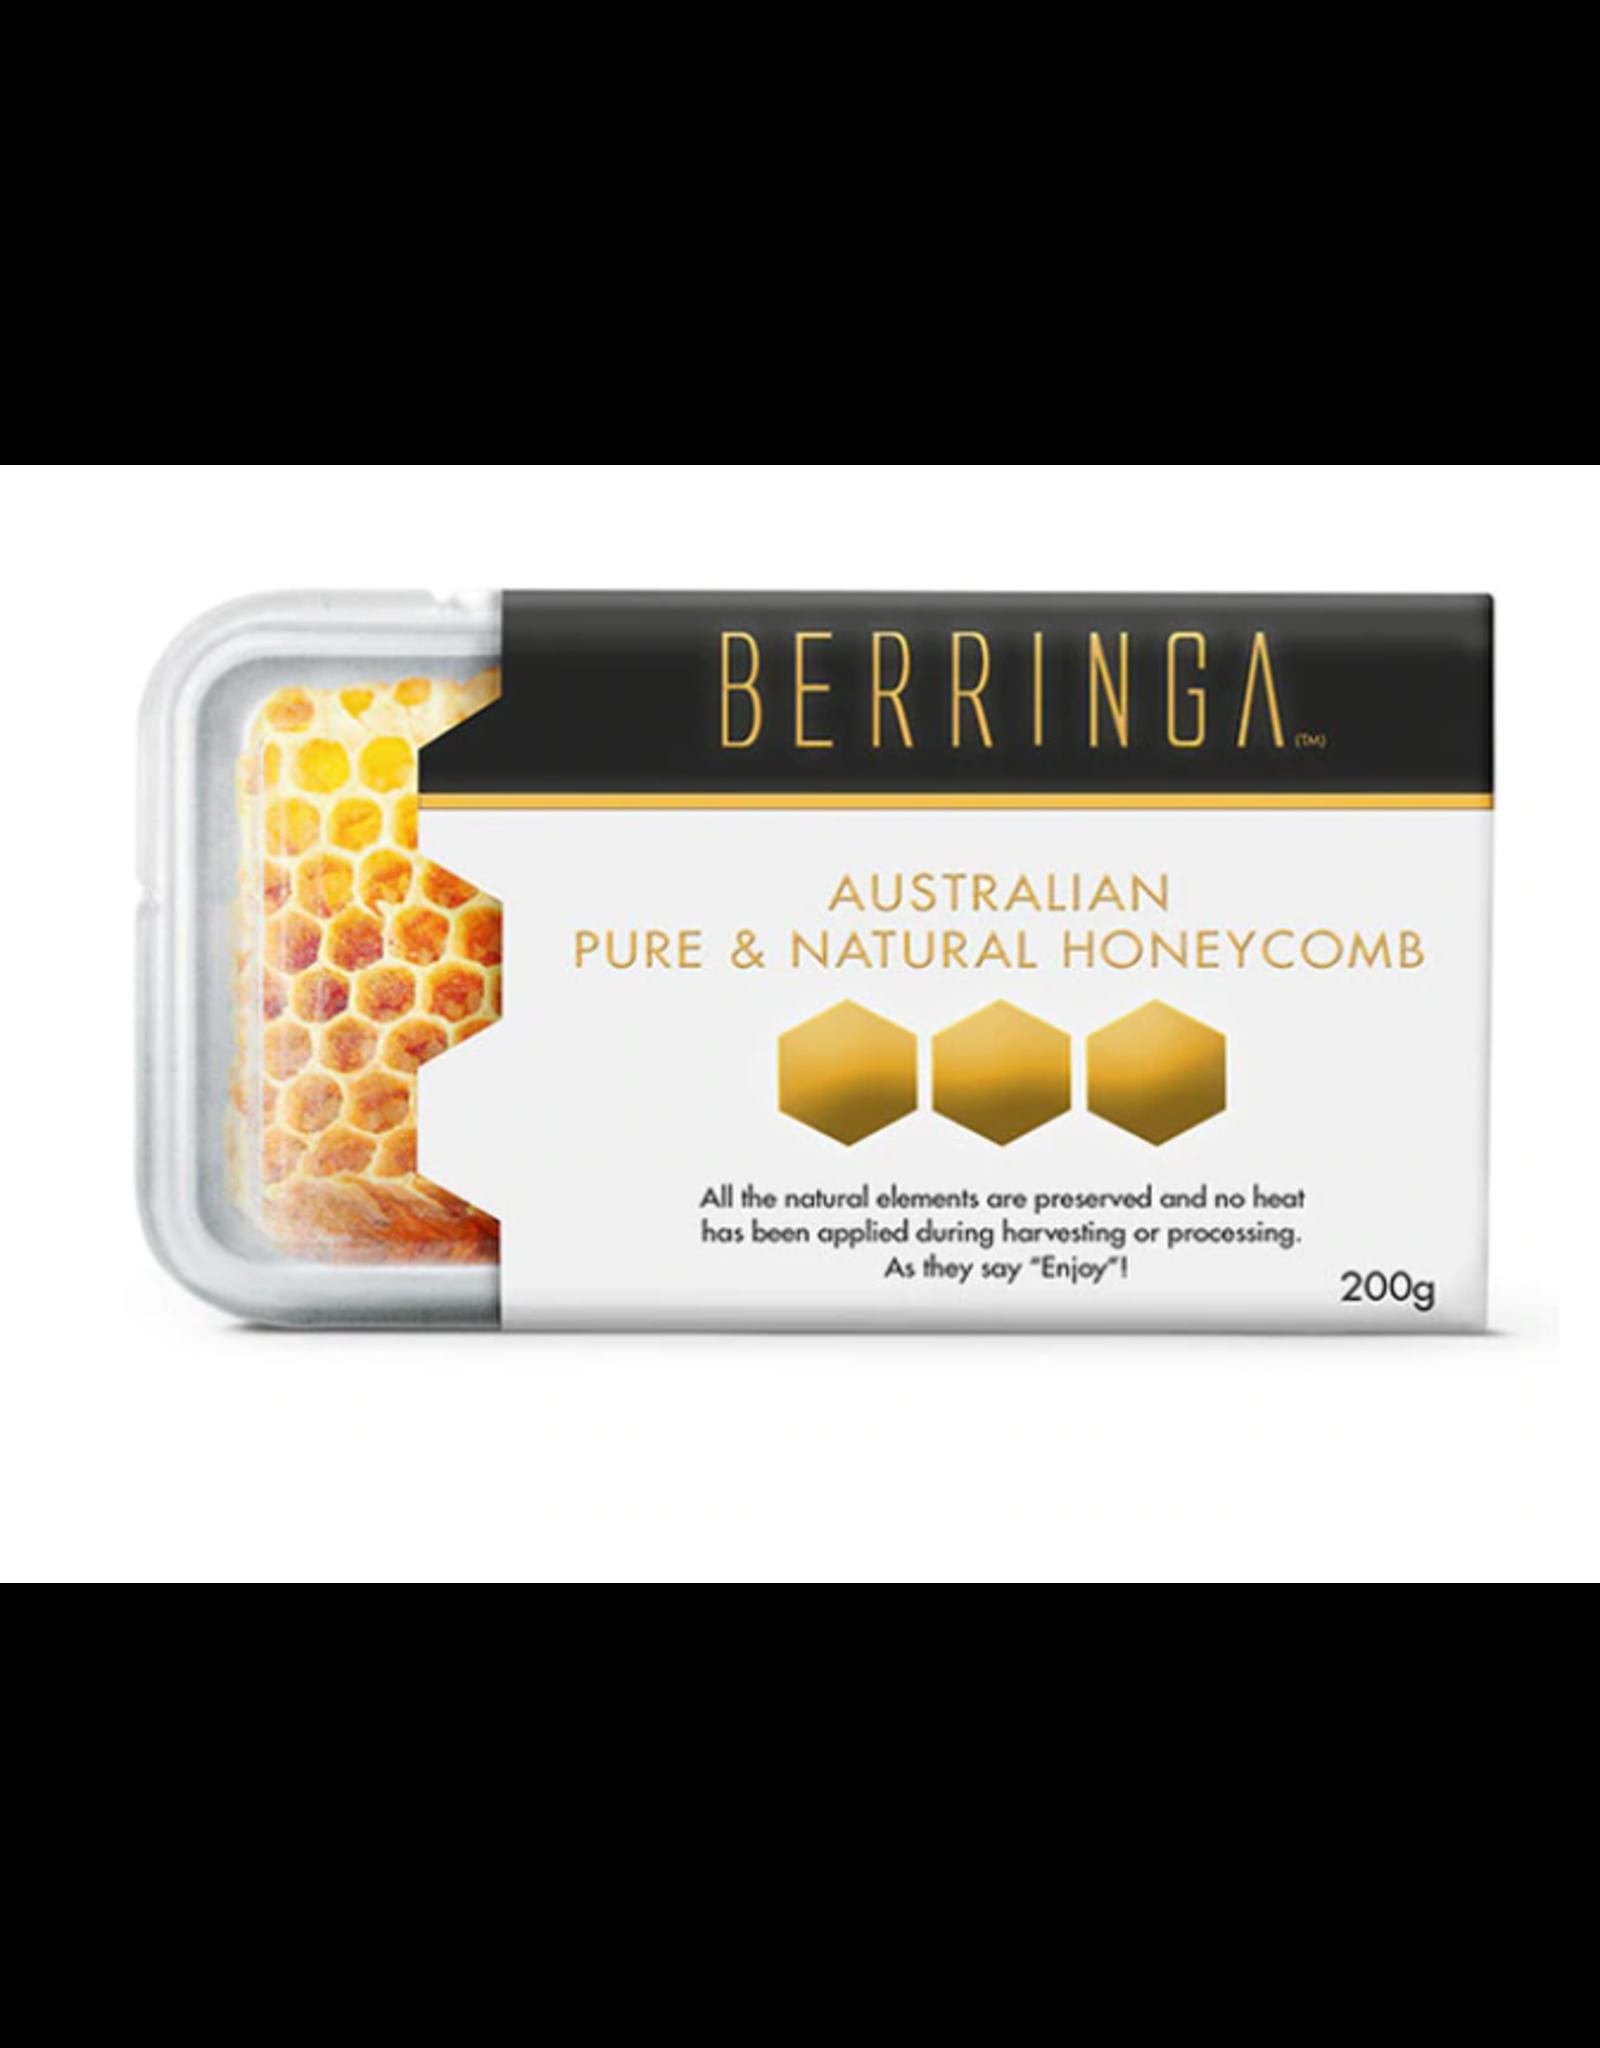 Berringa Australian Honeycomb Pure and Natural 200g